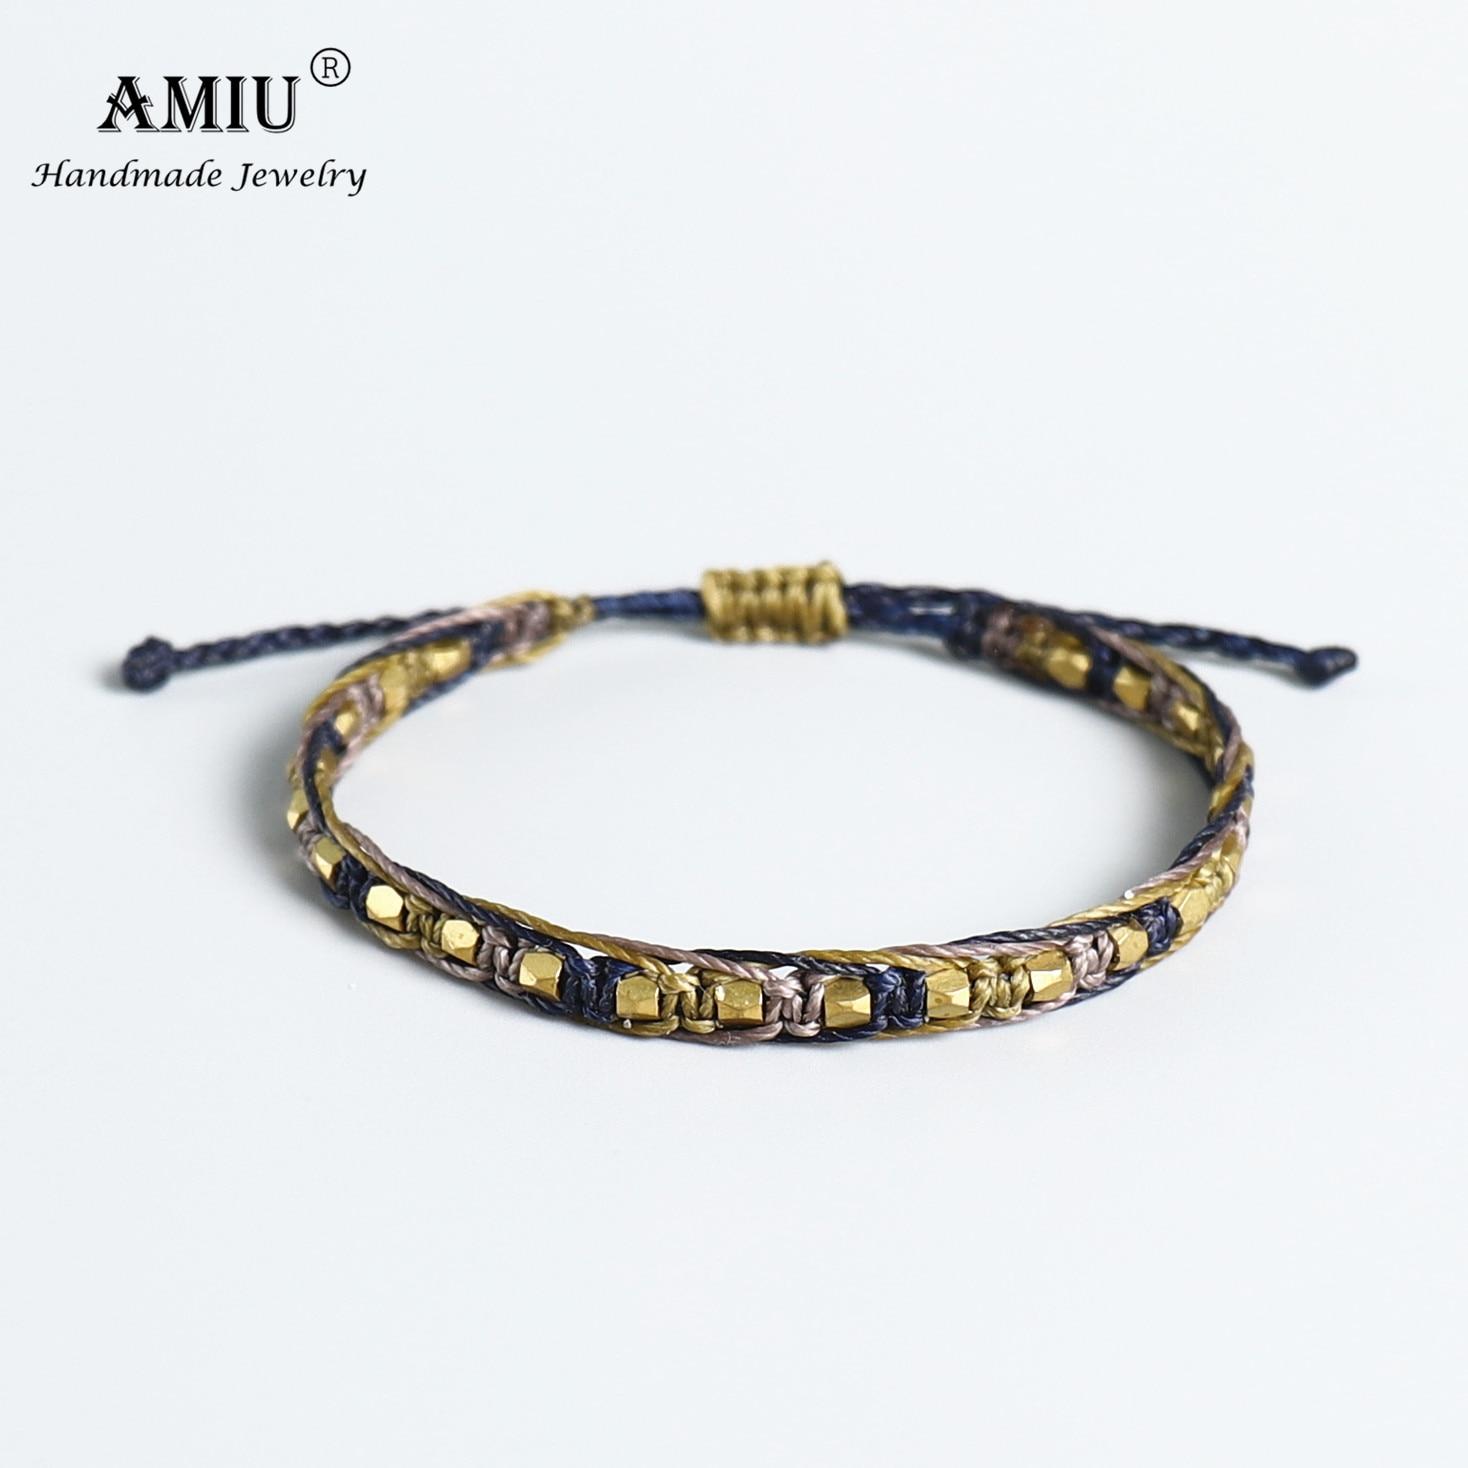 AMIU Handmade Macrame Copper Bead Waterproof Wax Thread Lucky Rope Bracelet & Bangles For Women Men Friendship Woven Bracelets